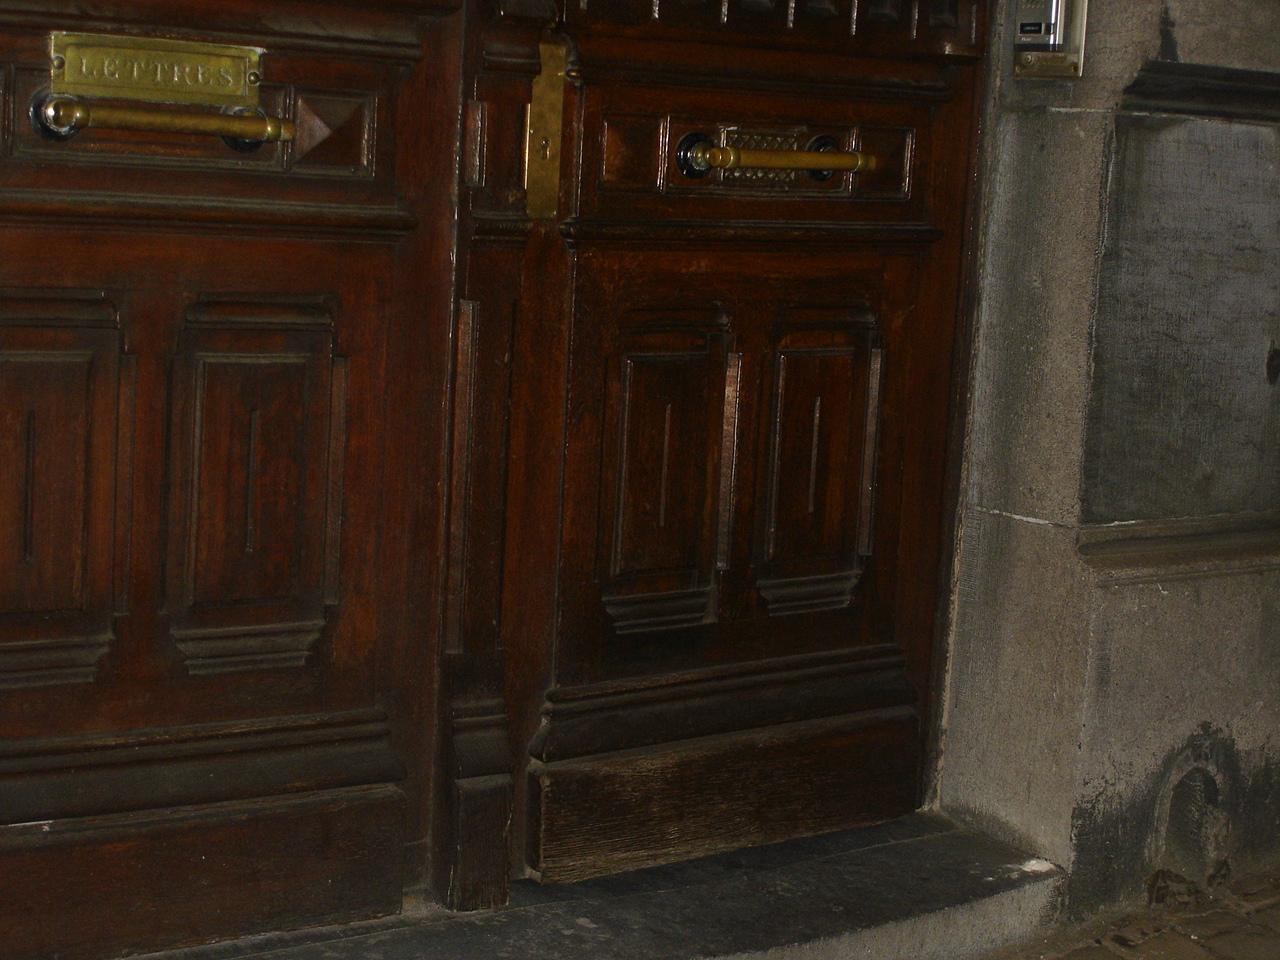 Croix gammées et poudre blanche découvertes rue de la Régence à Bruxelles